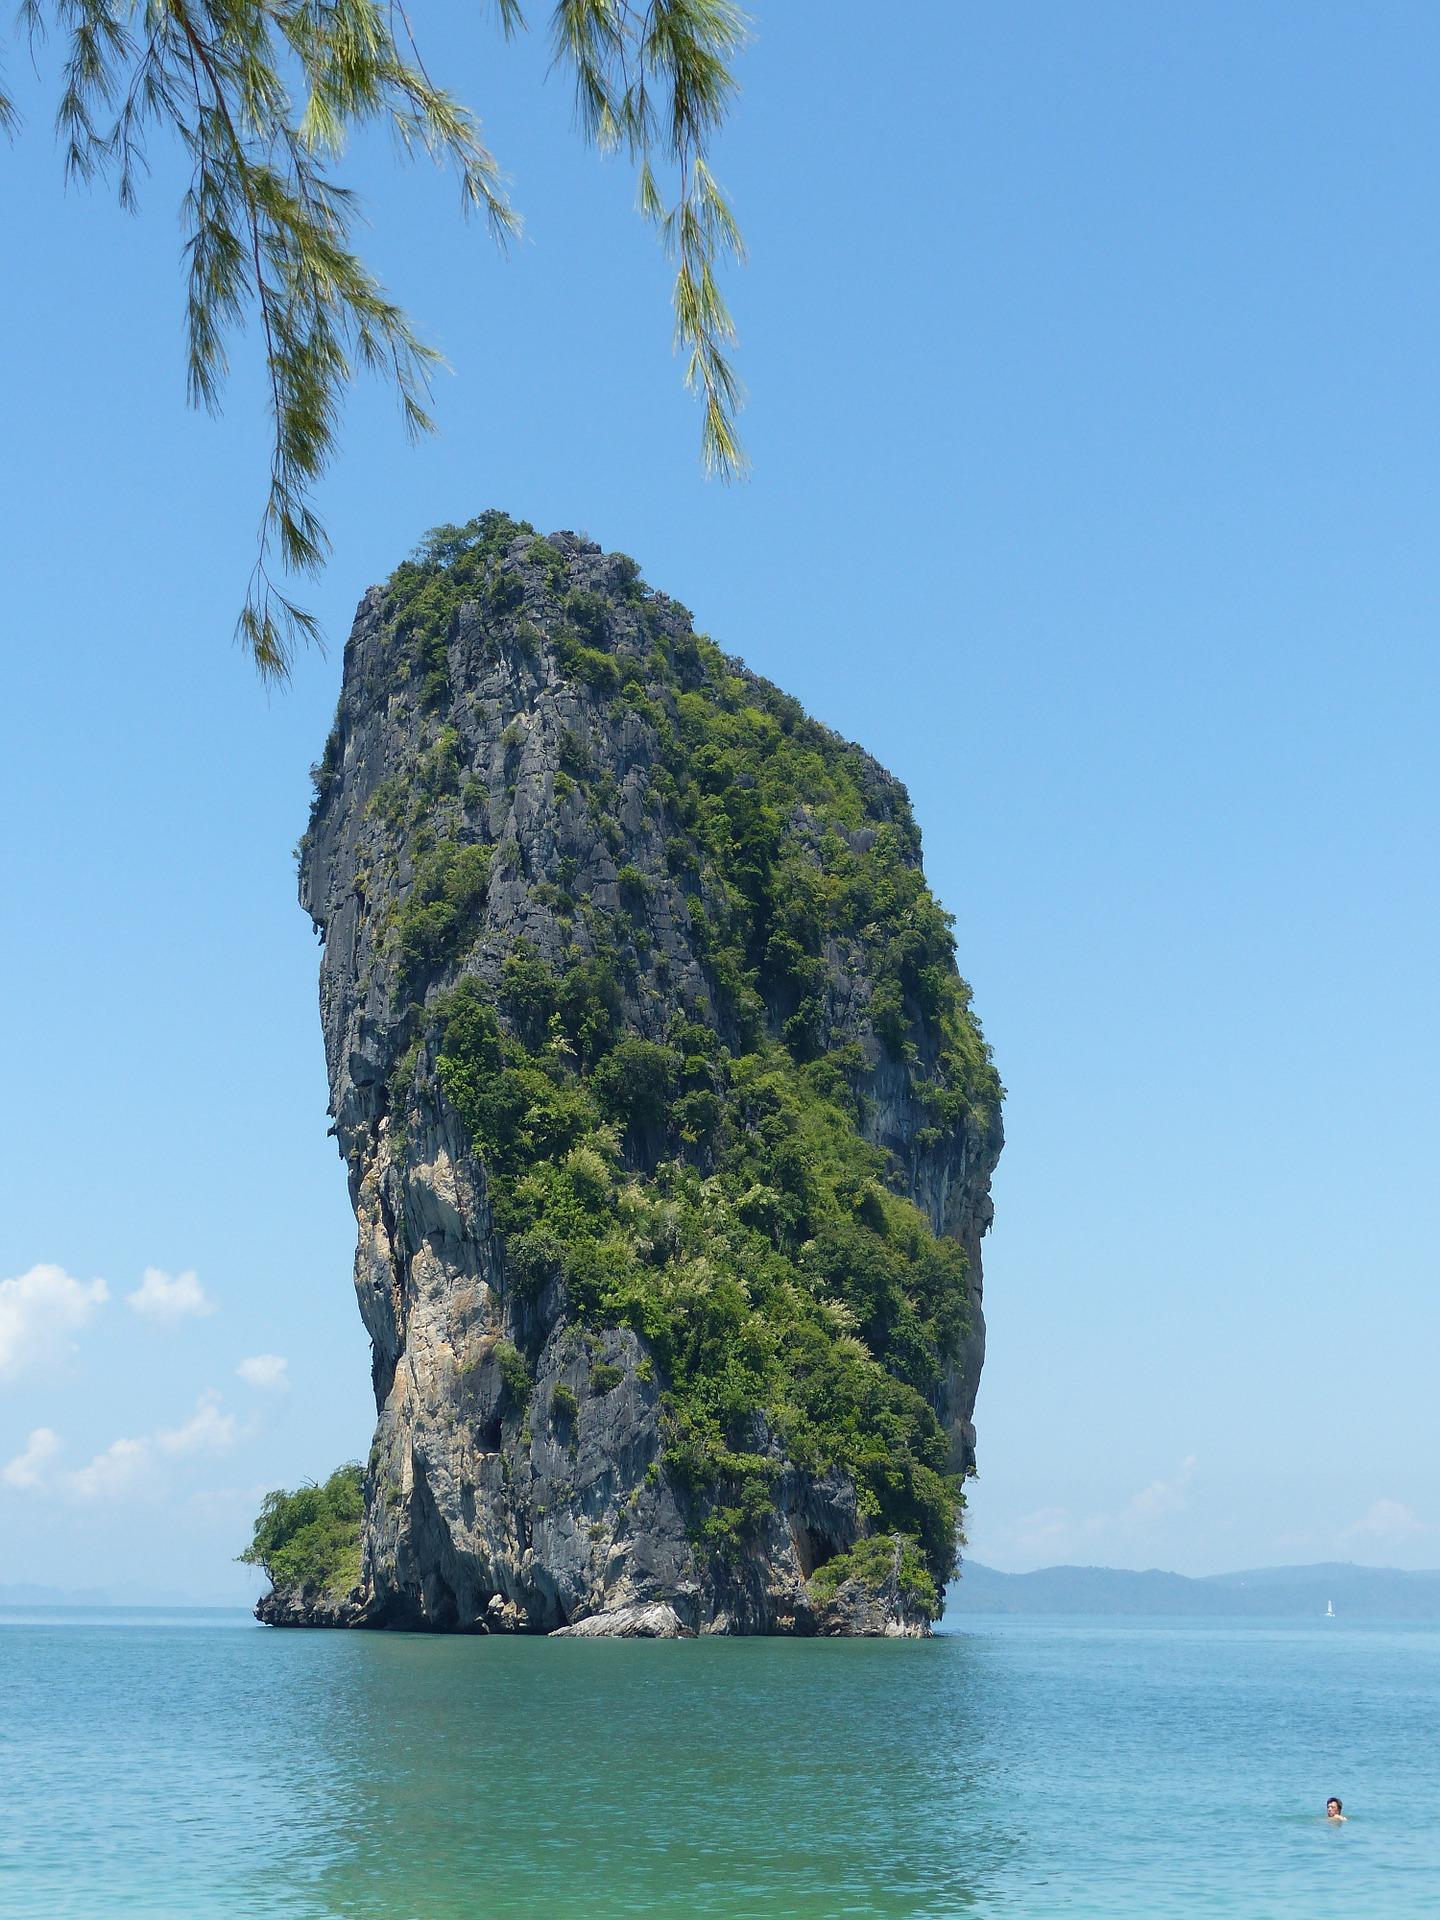 Poda-island-thailande-asie-excursion-krabi